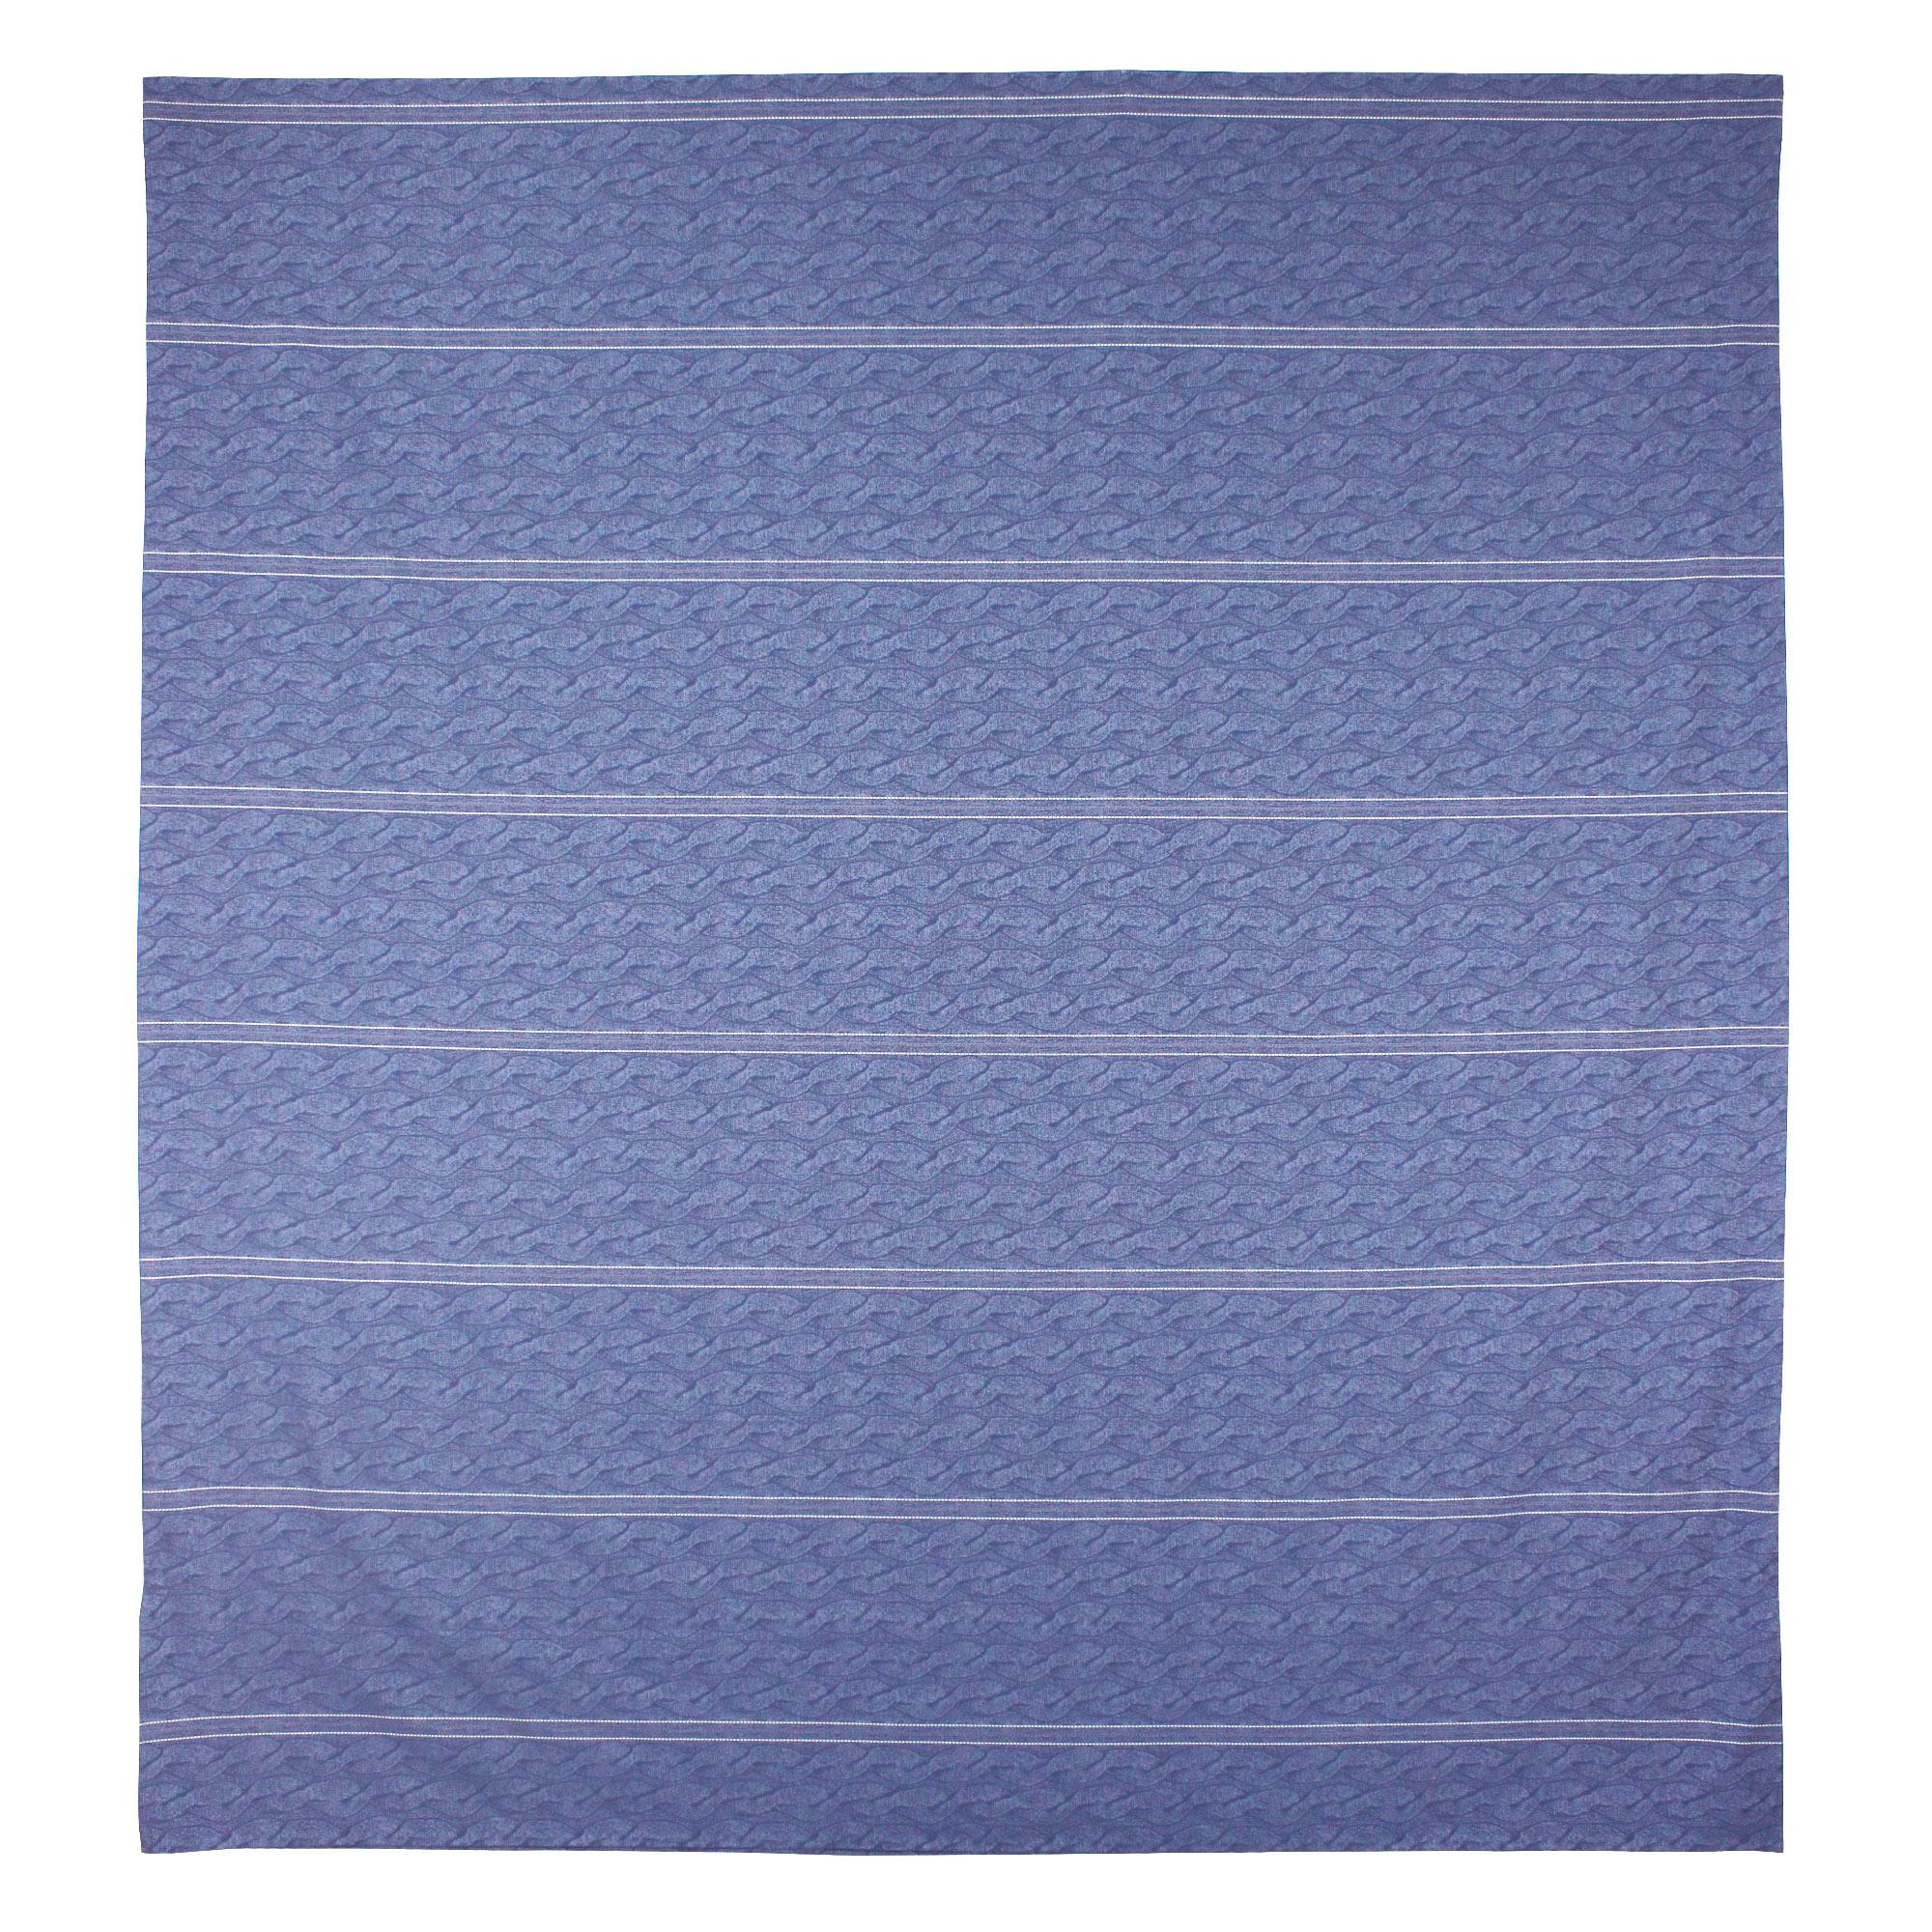 Parure-de-lit-280x240-Satin-de-coton-VENDOME-Bleu-fonce